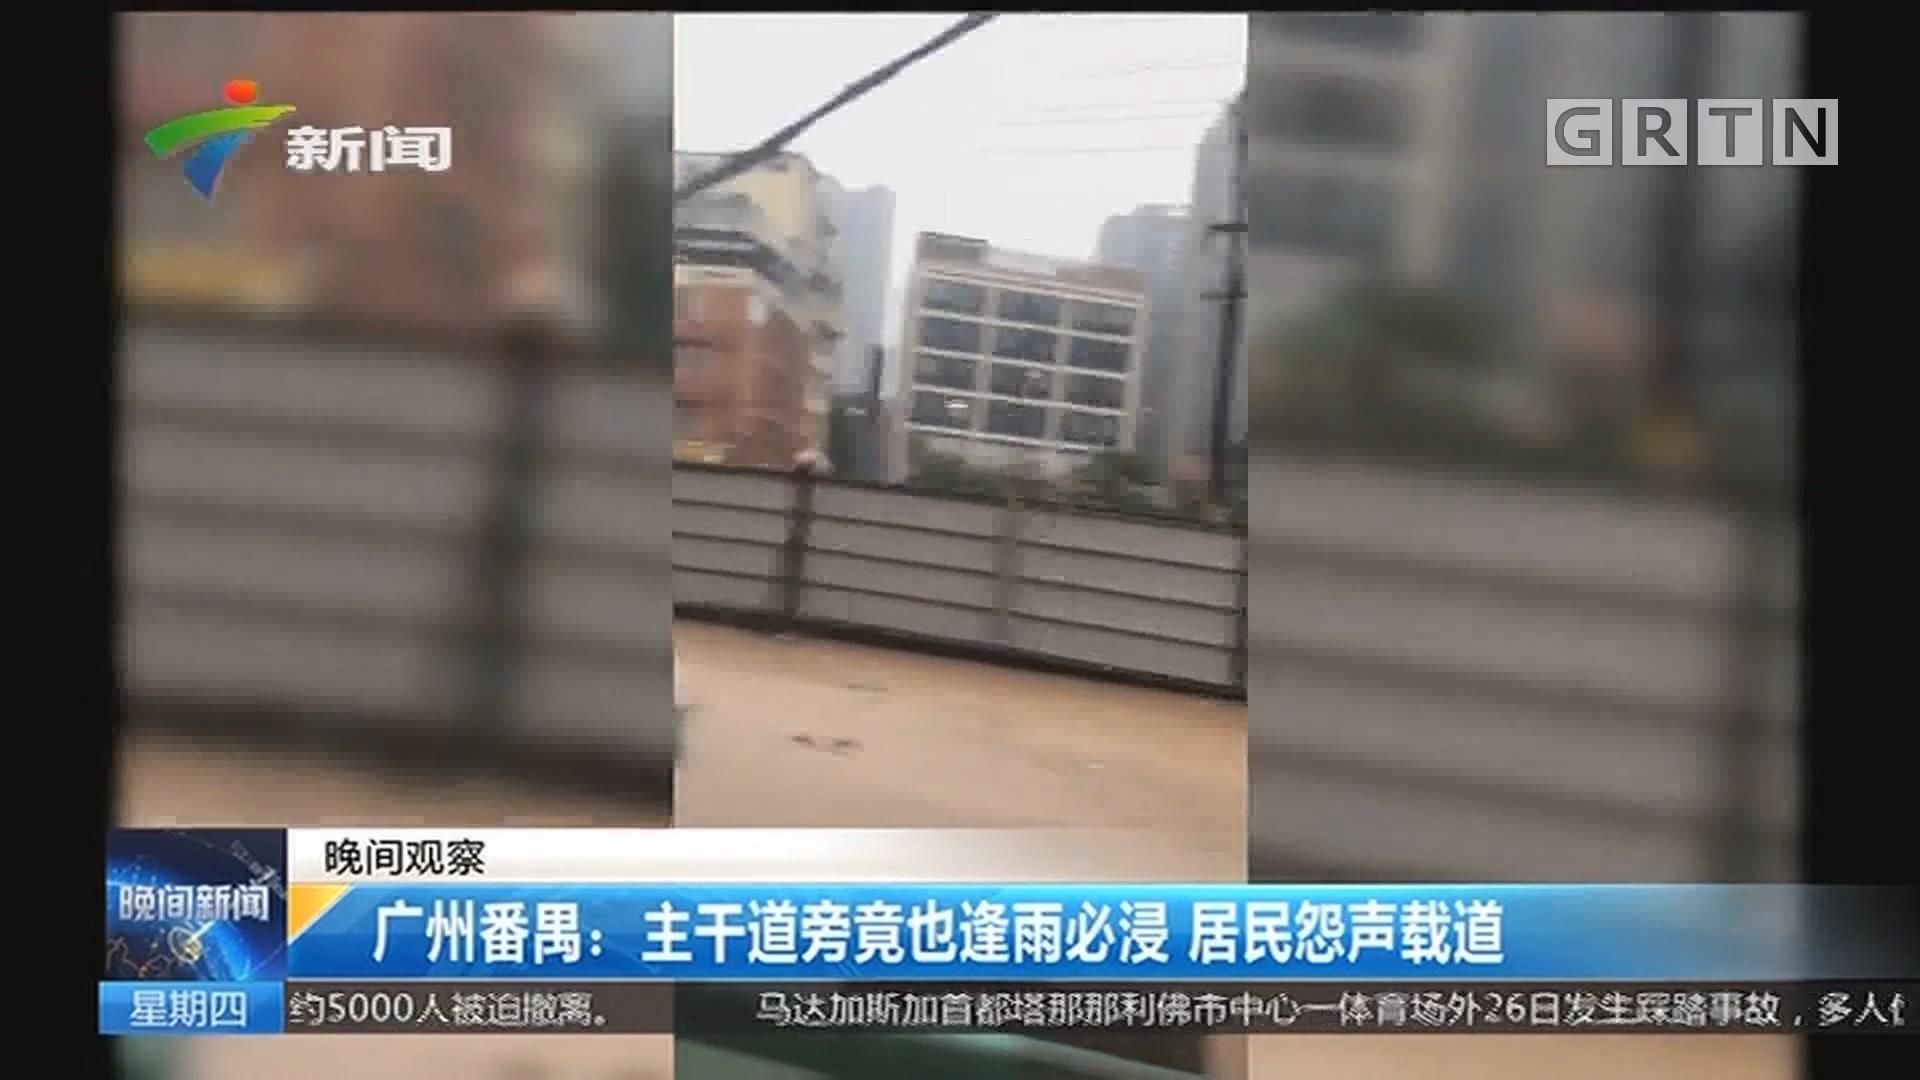 广州番禺:主干道旁竟也逢雨必浸 居民怨声载道